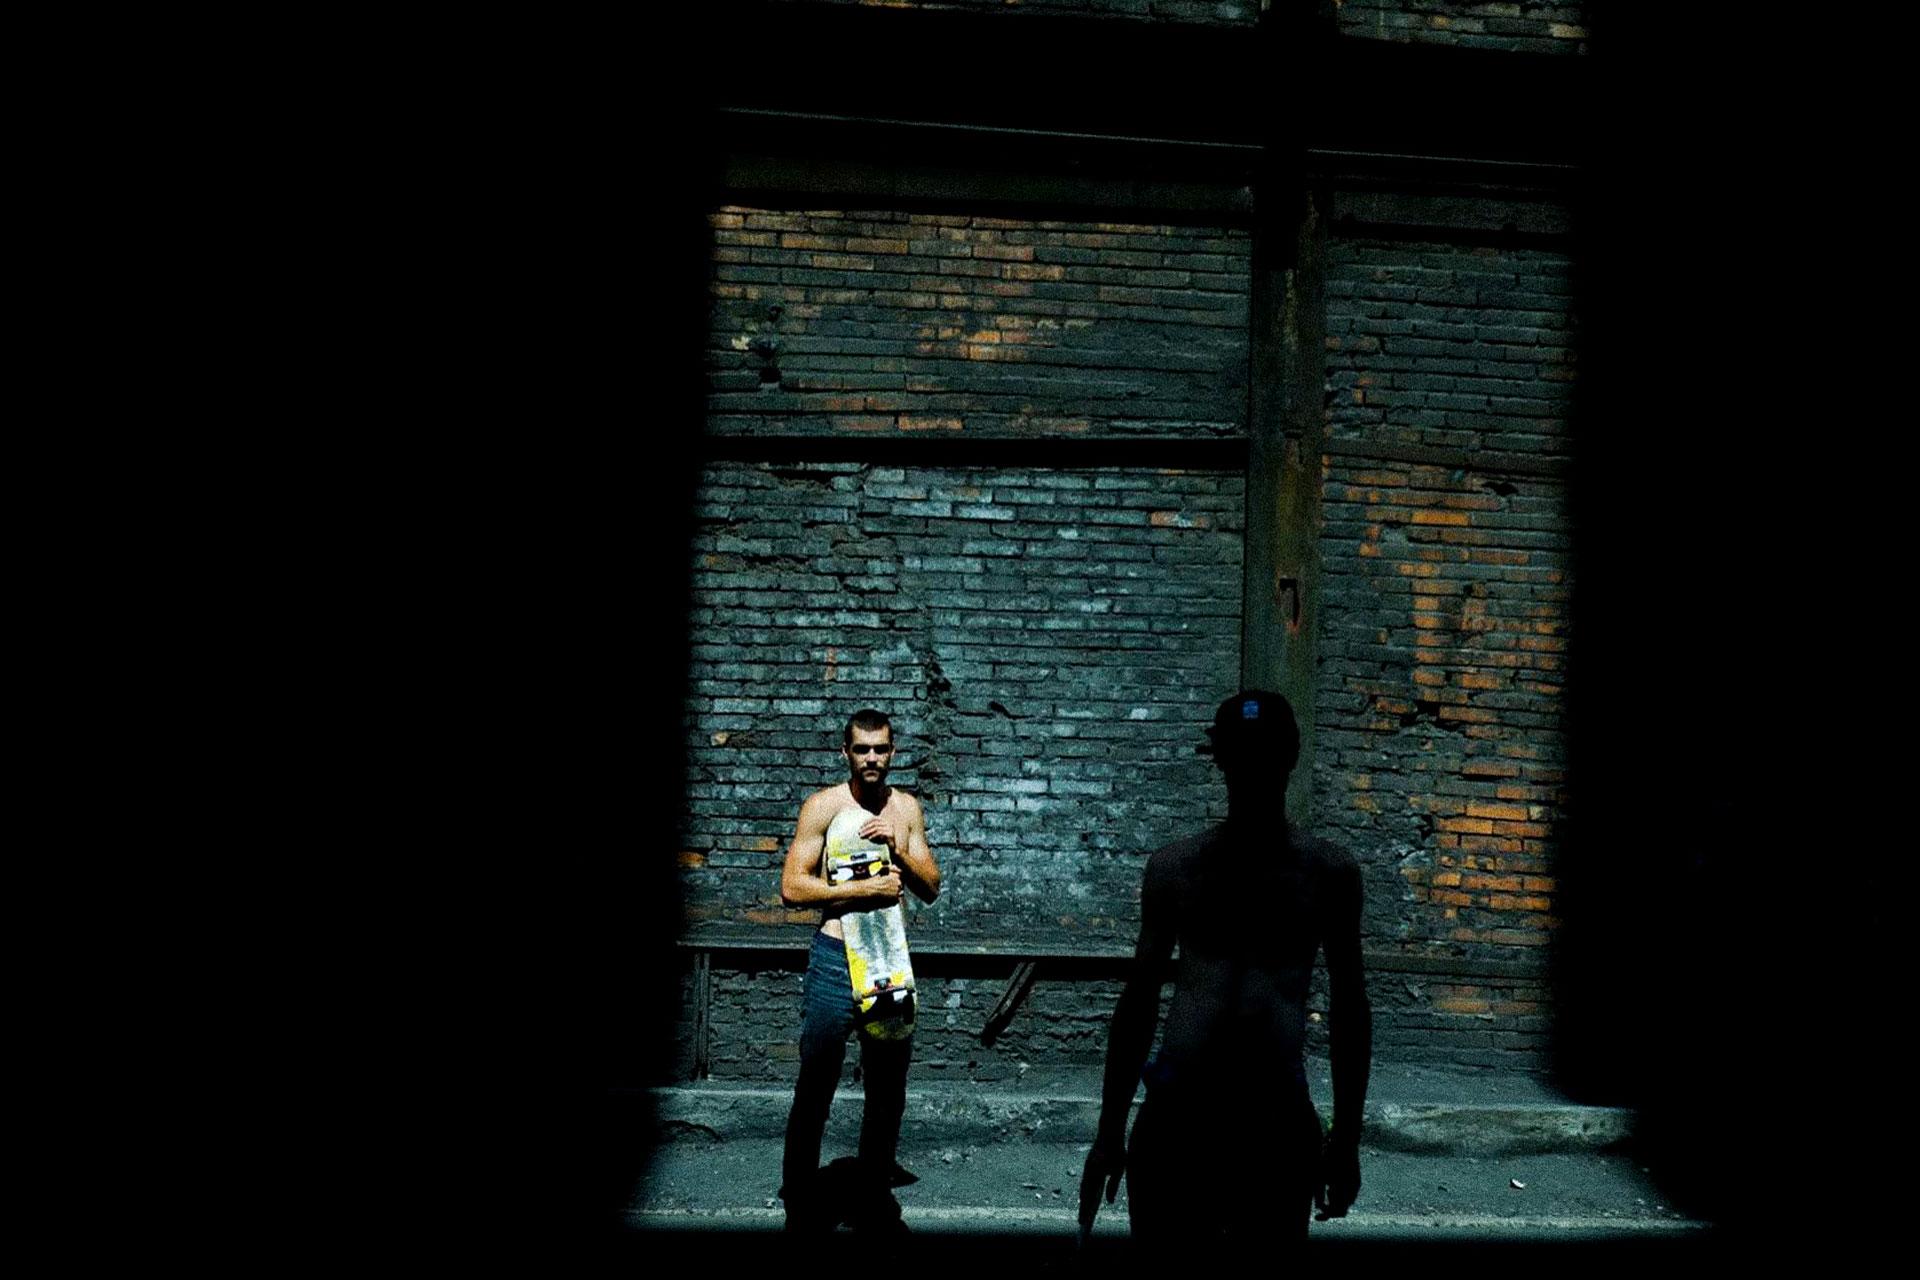 david hofmann cinematographer photo 6